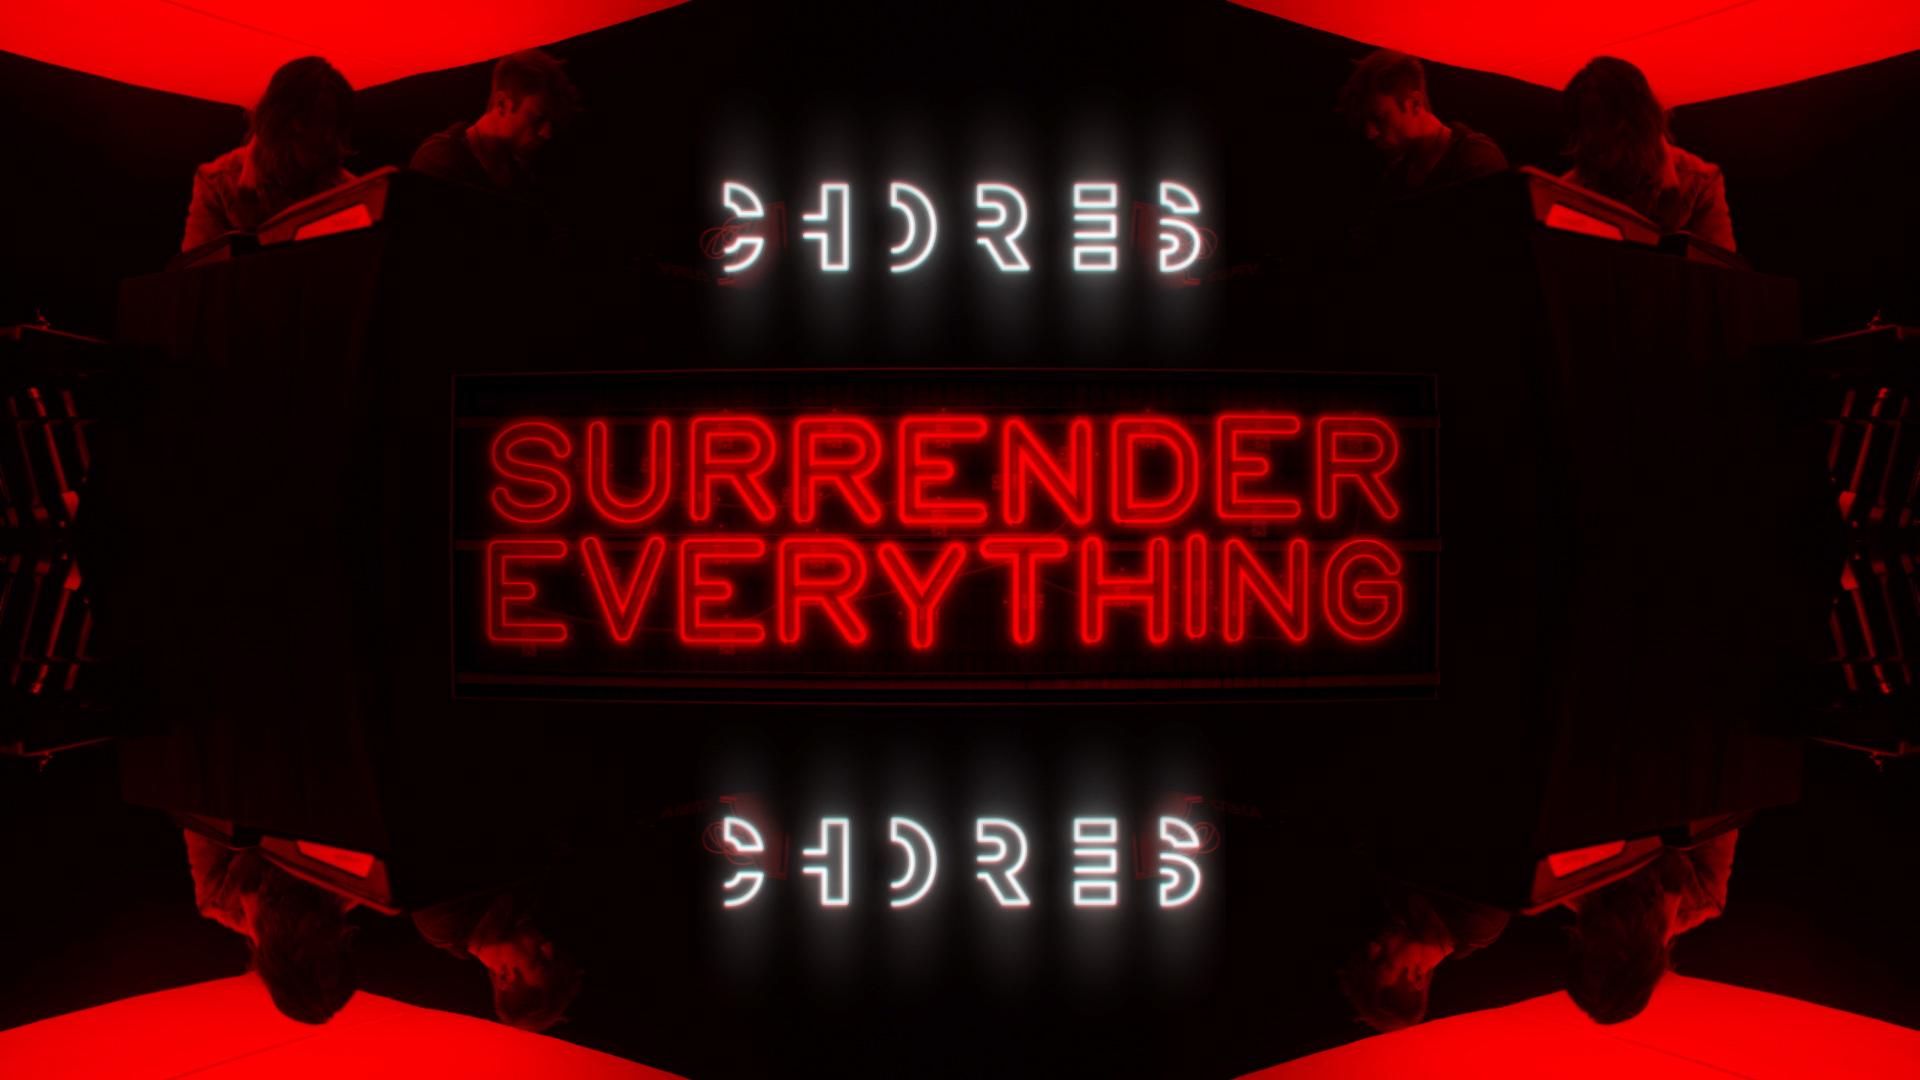 Surrender-03 (prores).00_02_00_18.Still050.jpg